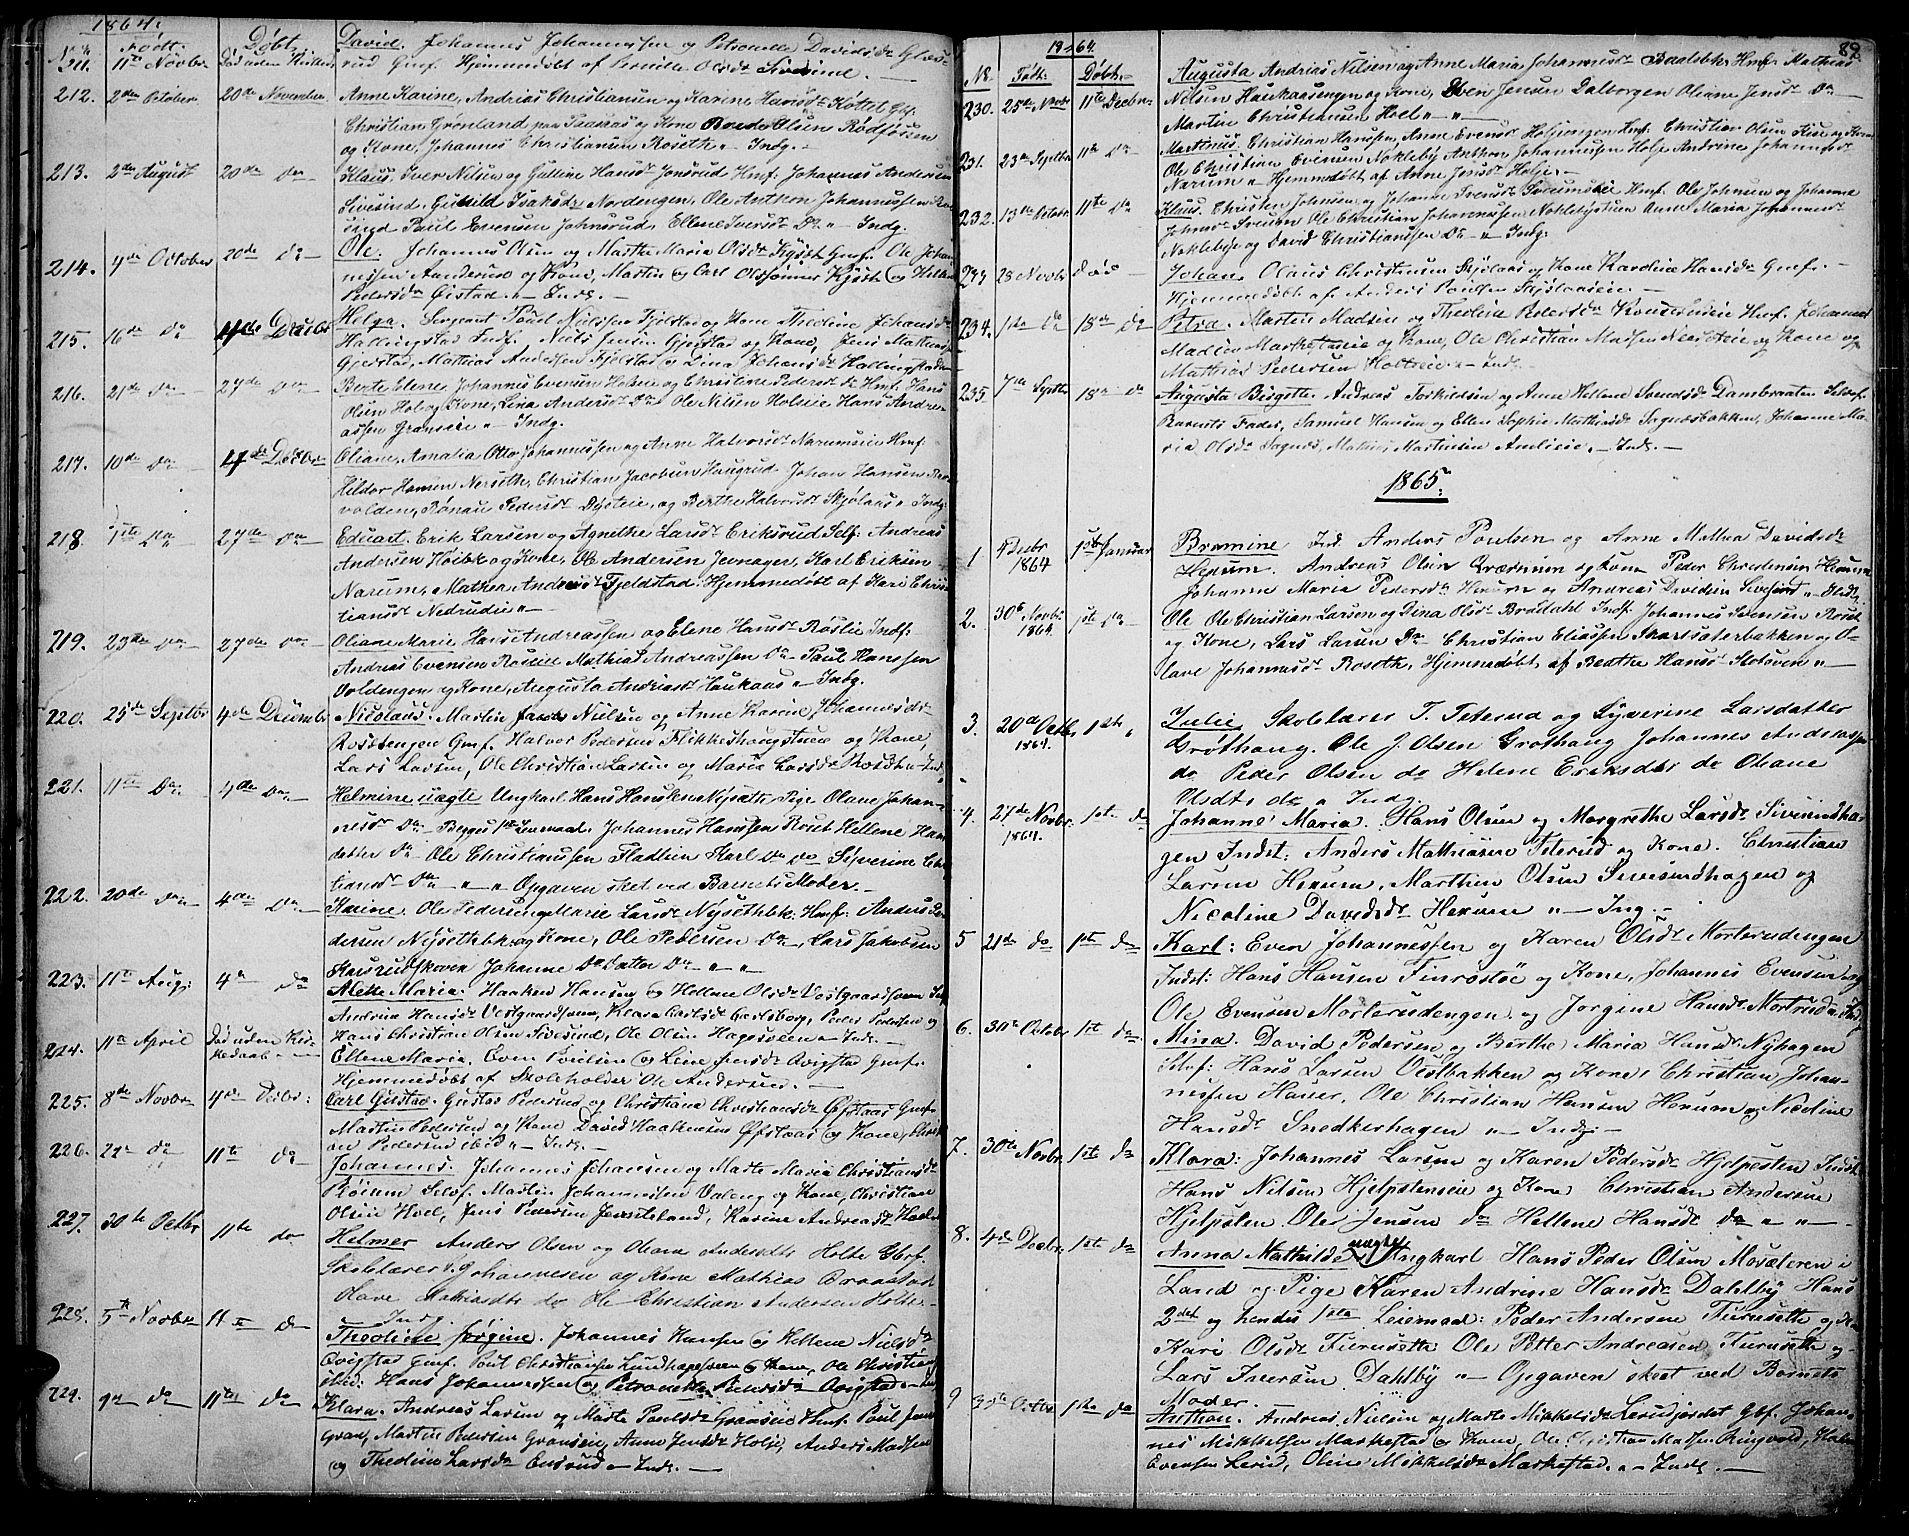 SAH, Vestre Toten prestekontor, Klokkerbok nr. 5, 1854-1870, s. 89